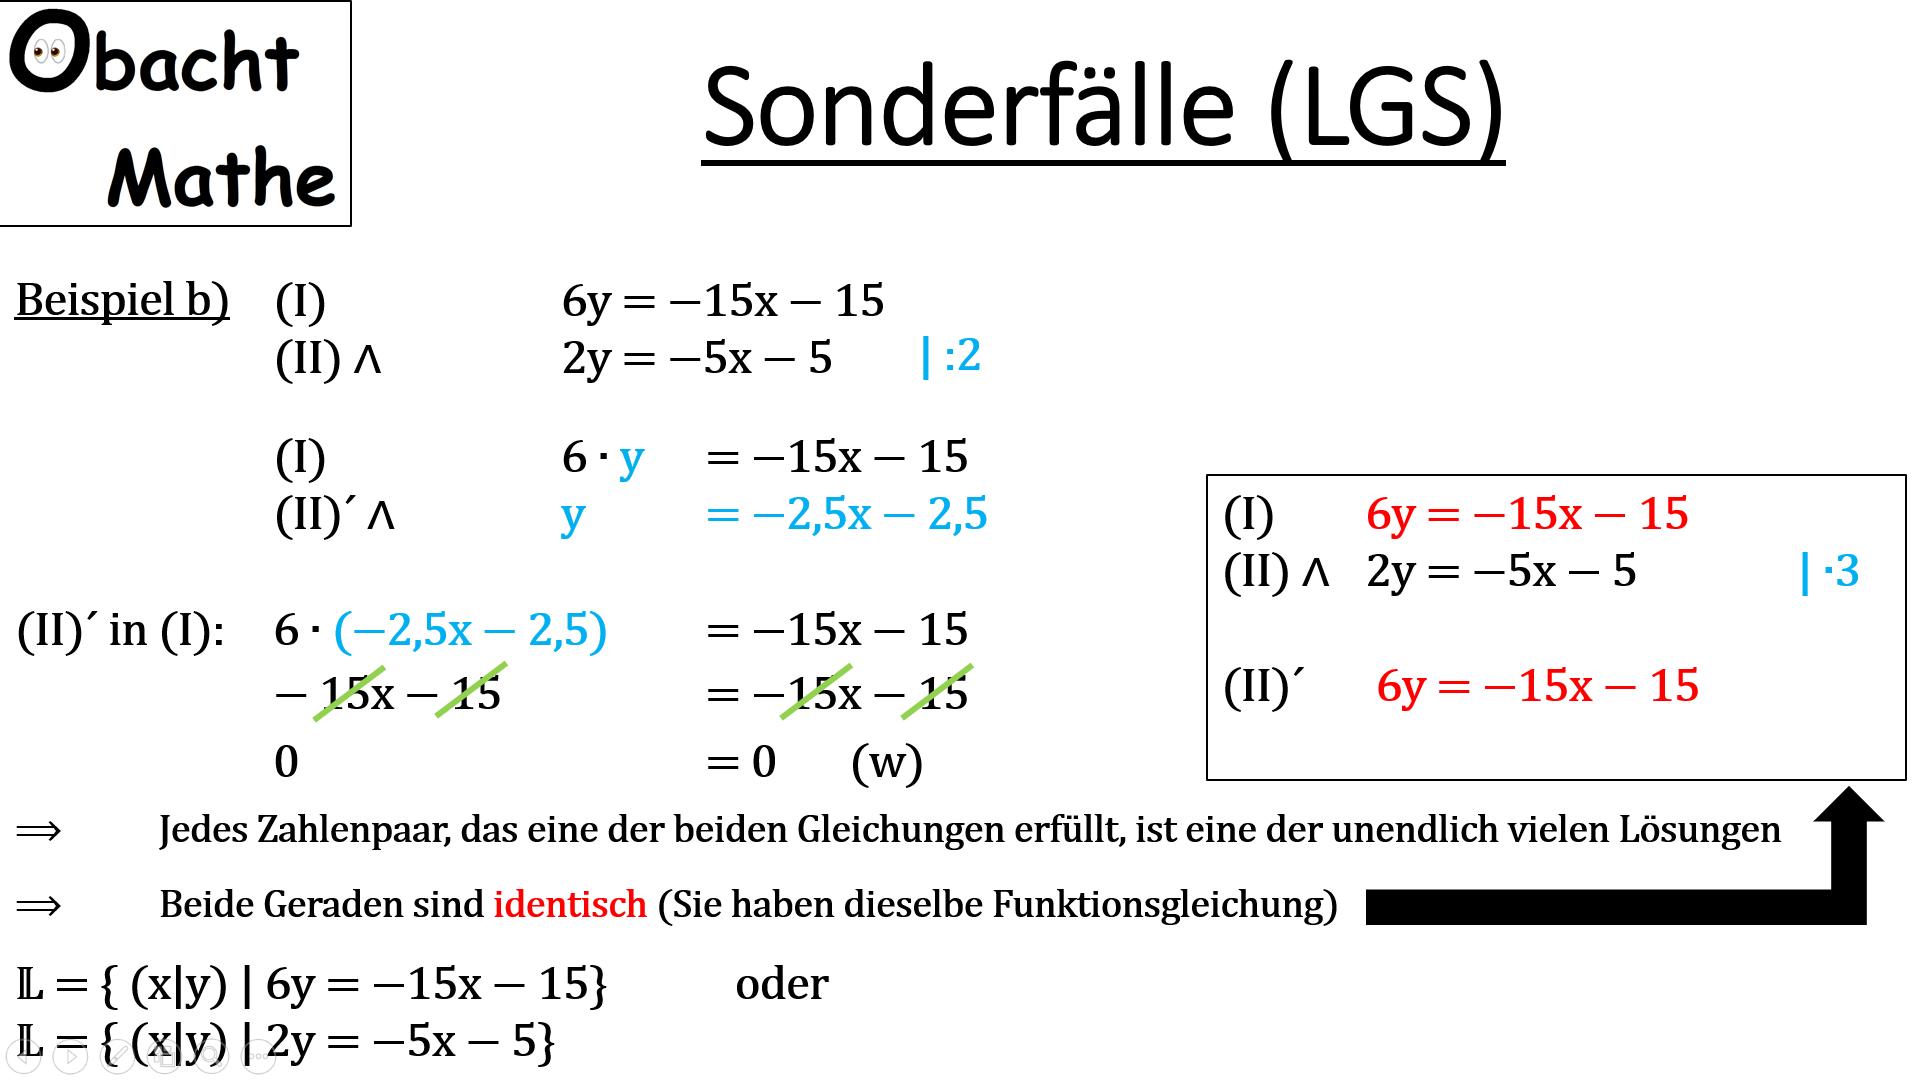 Sonderfälle bei linearen Gleichungssystemen (LGS) - keine Lösung ...